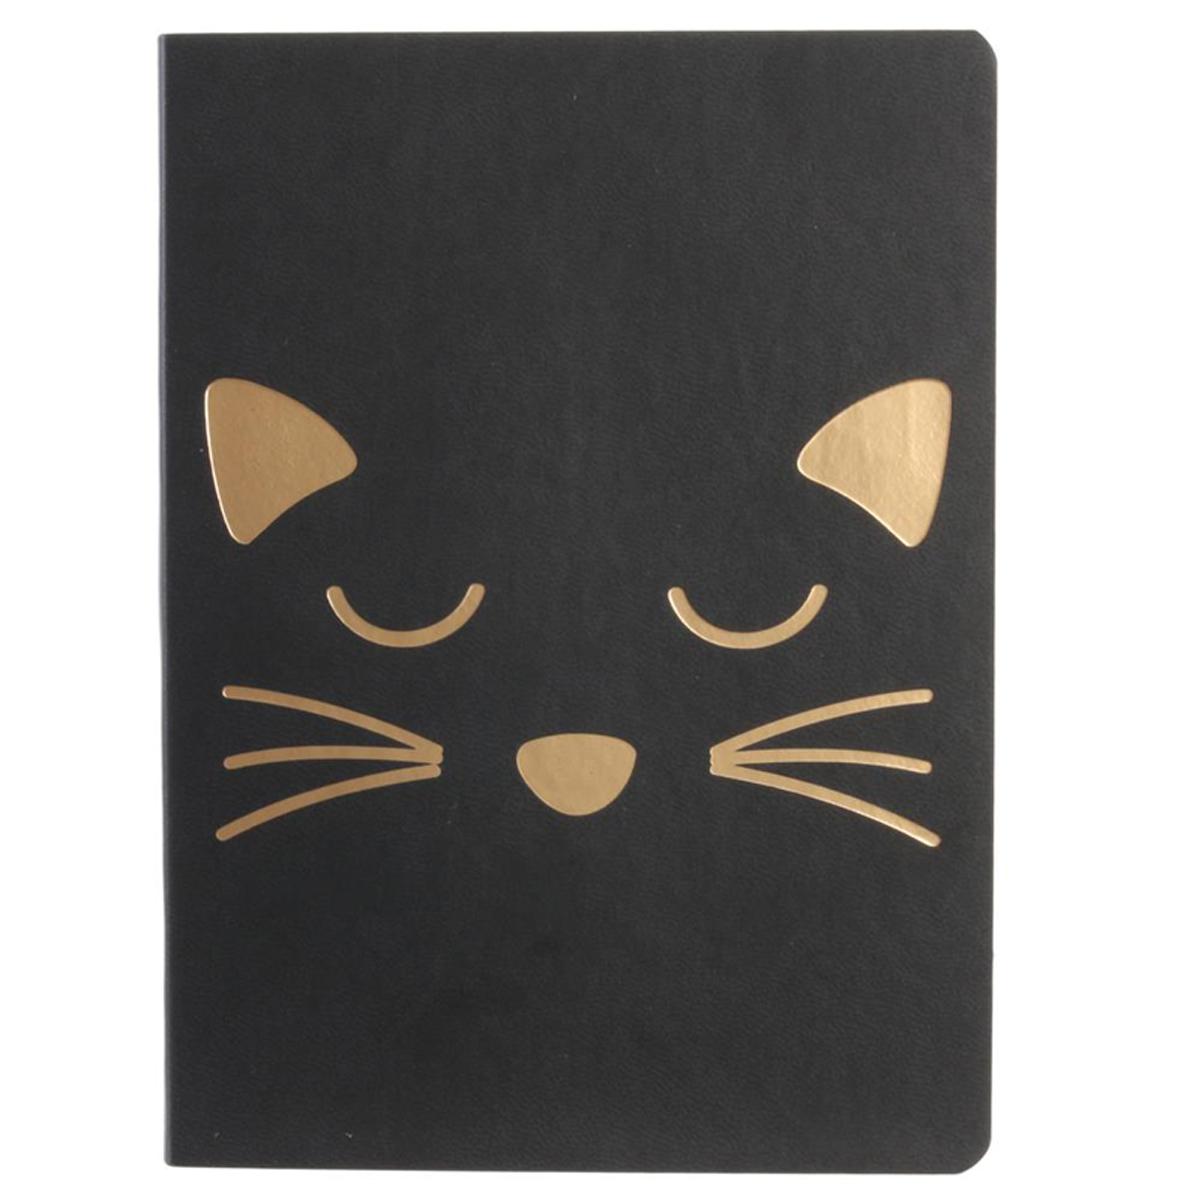 Carnet A6 \'Chats\' noir doré (\'La vraie star, c\'est le chat\') - 15x115x05 cm - [Q5434]